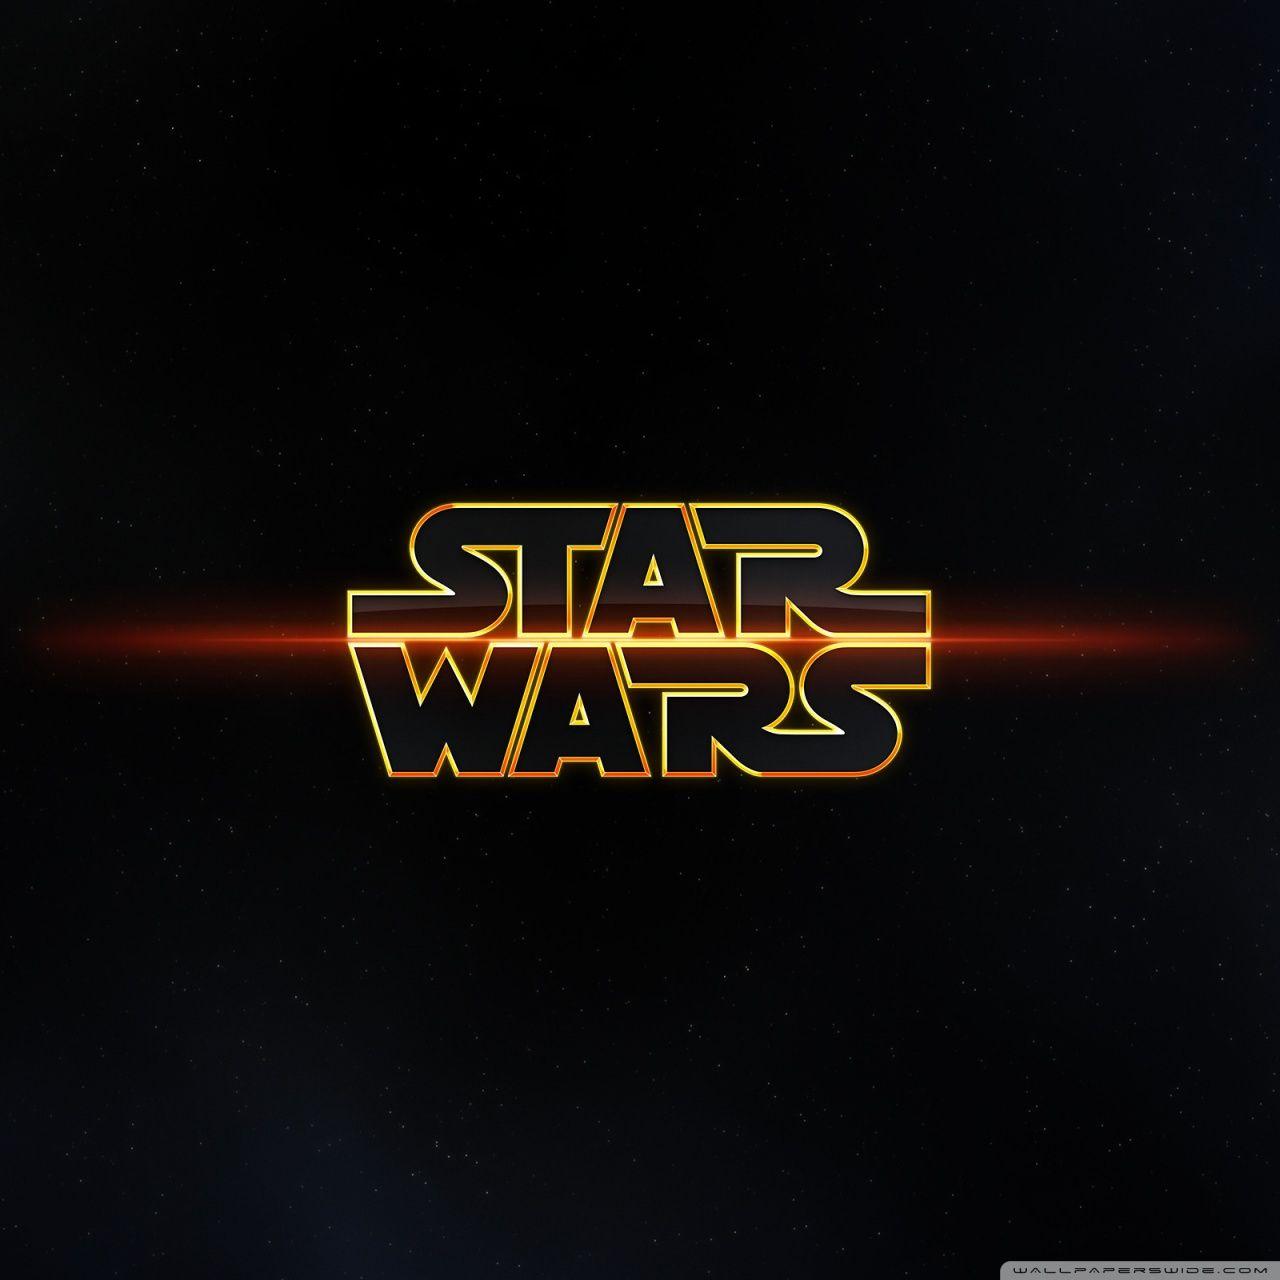 Star Wars By Louiemantia 4k Hd Desktop Wallpaper Star Wars Wallpaper Hd 1280x1280 Wallpaper Teahub Io